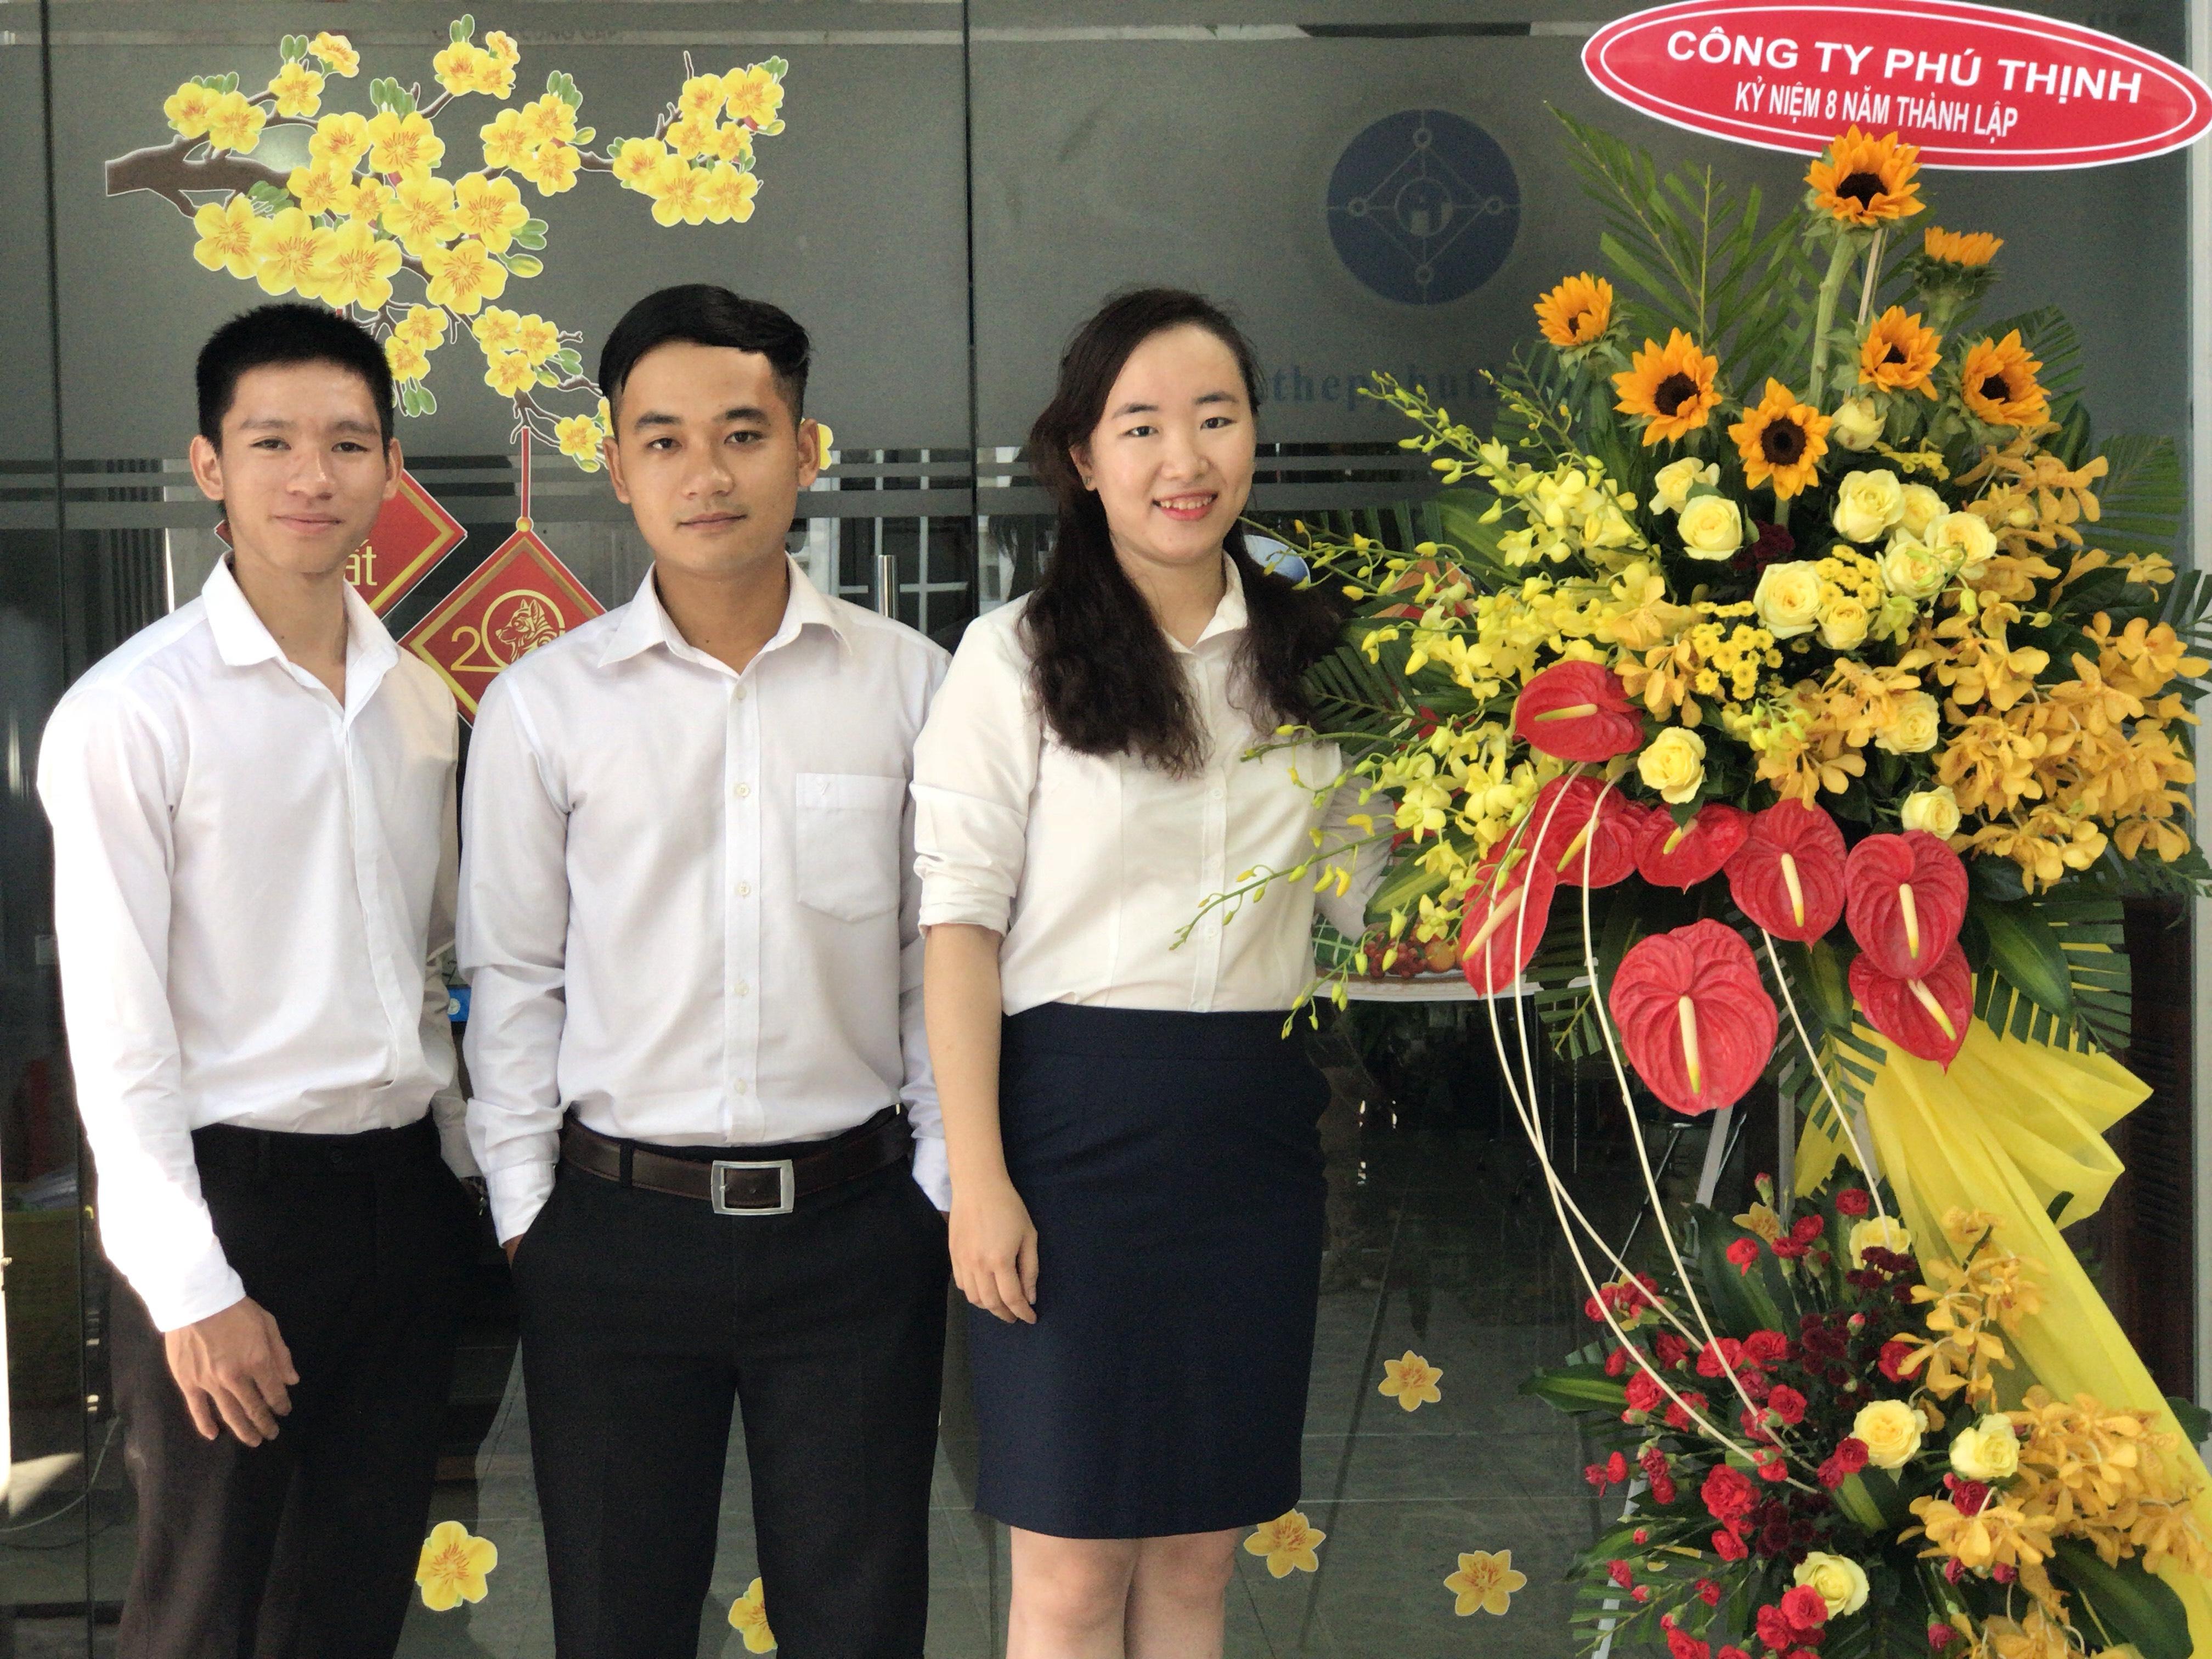 Công ty TNHH công nghiệp Phú Thịnh - Thép đặc biệt